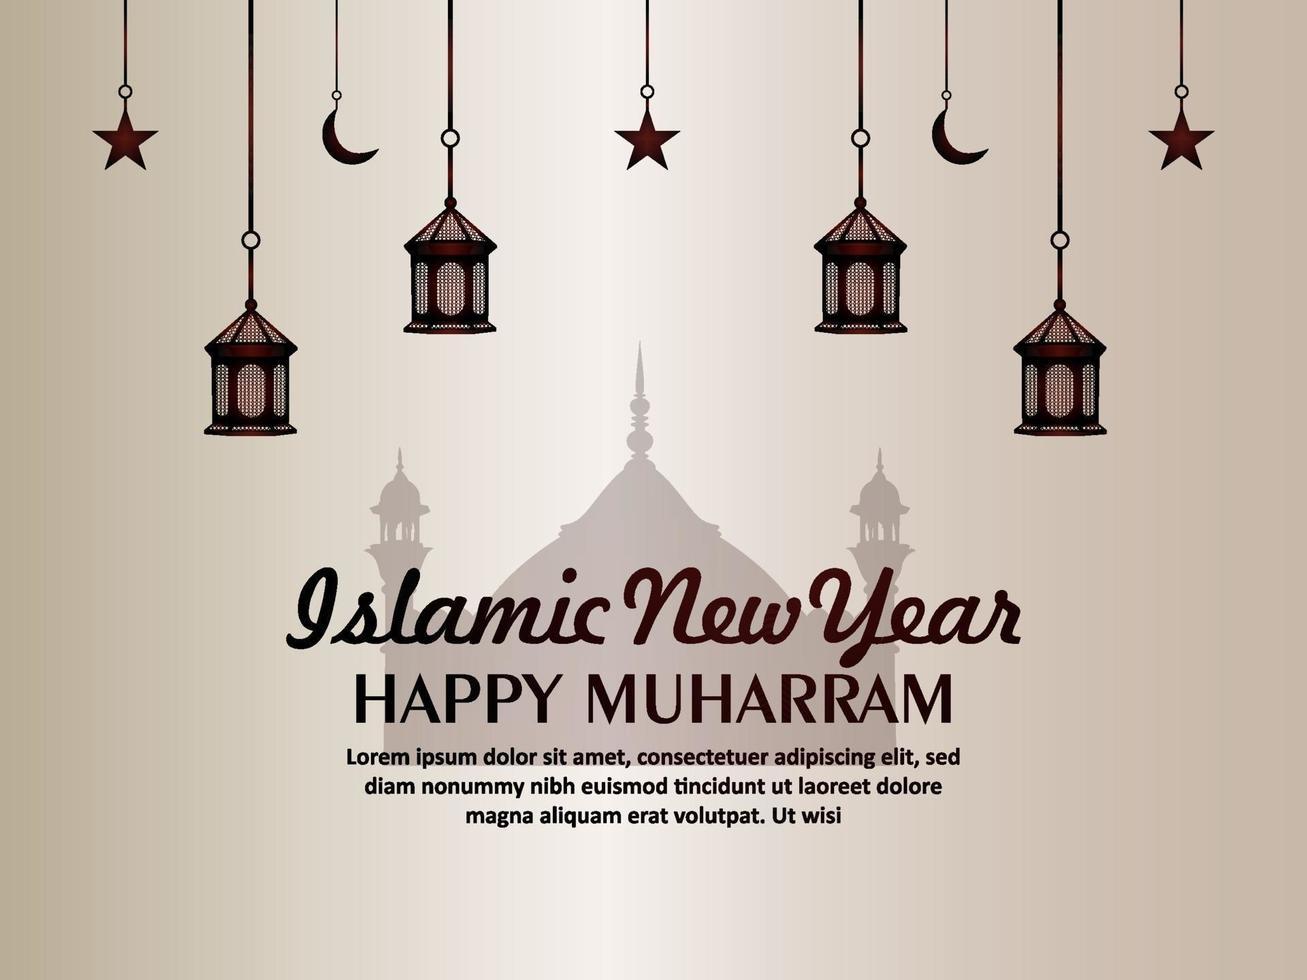 platt islamiskt nyår gratulationskort för muharraminbjudan vektor